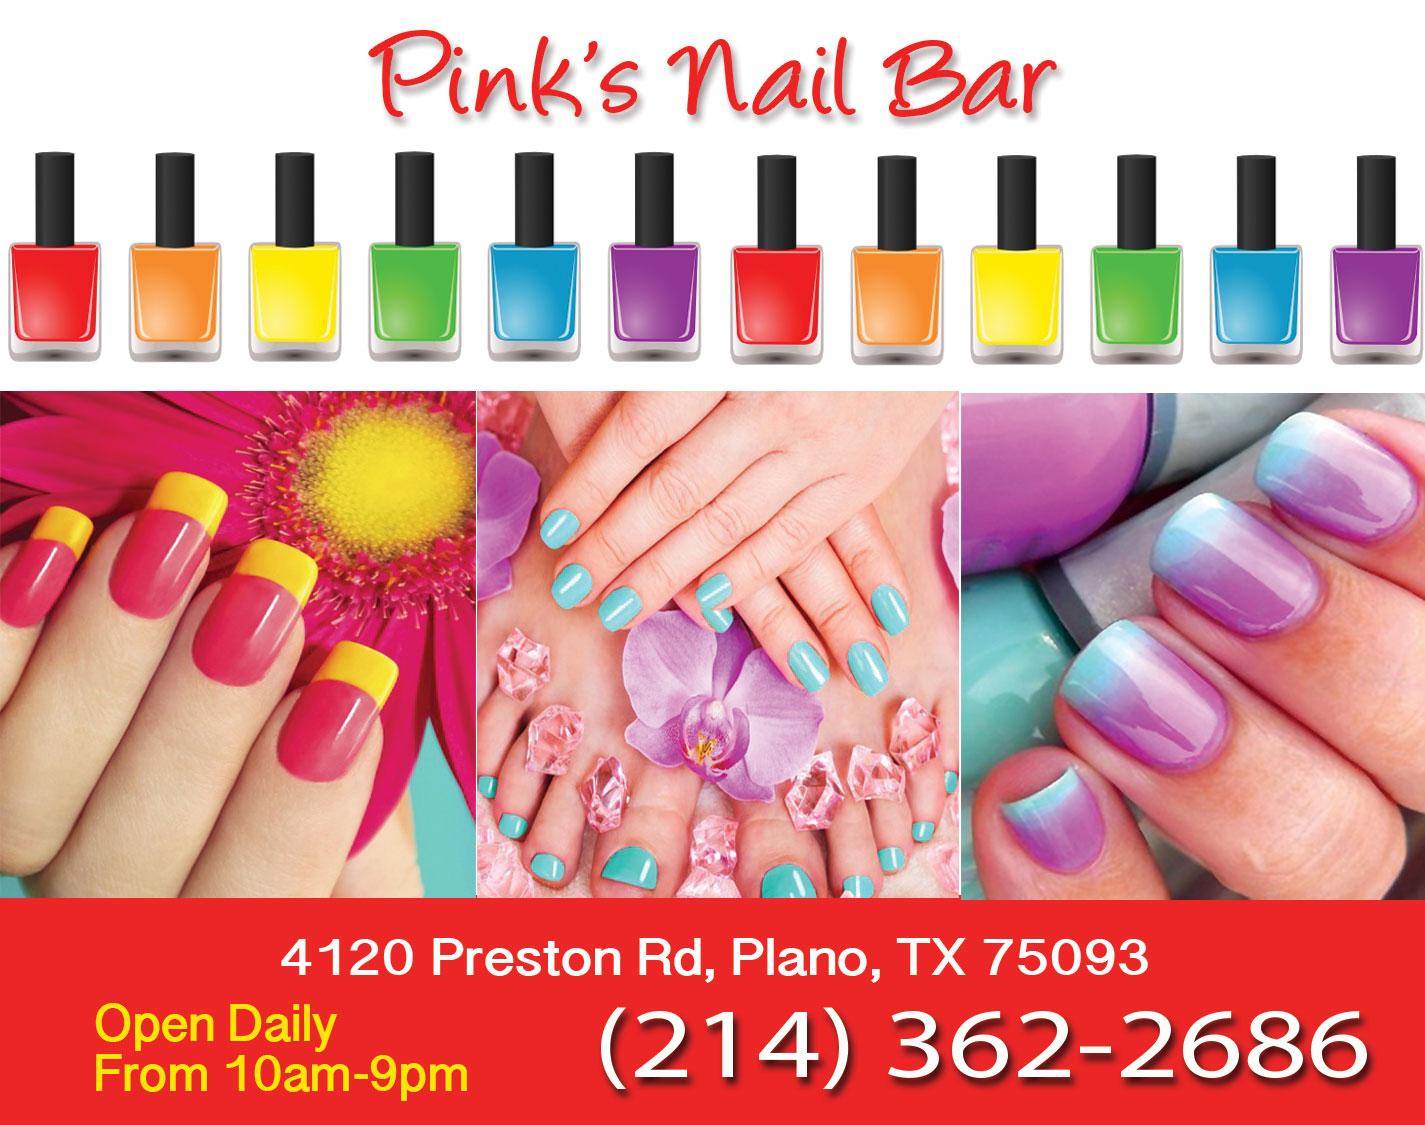 Pink's Nail Bar